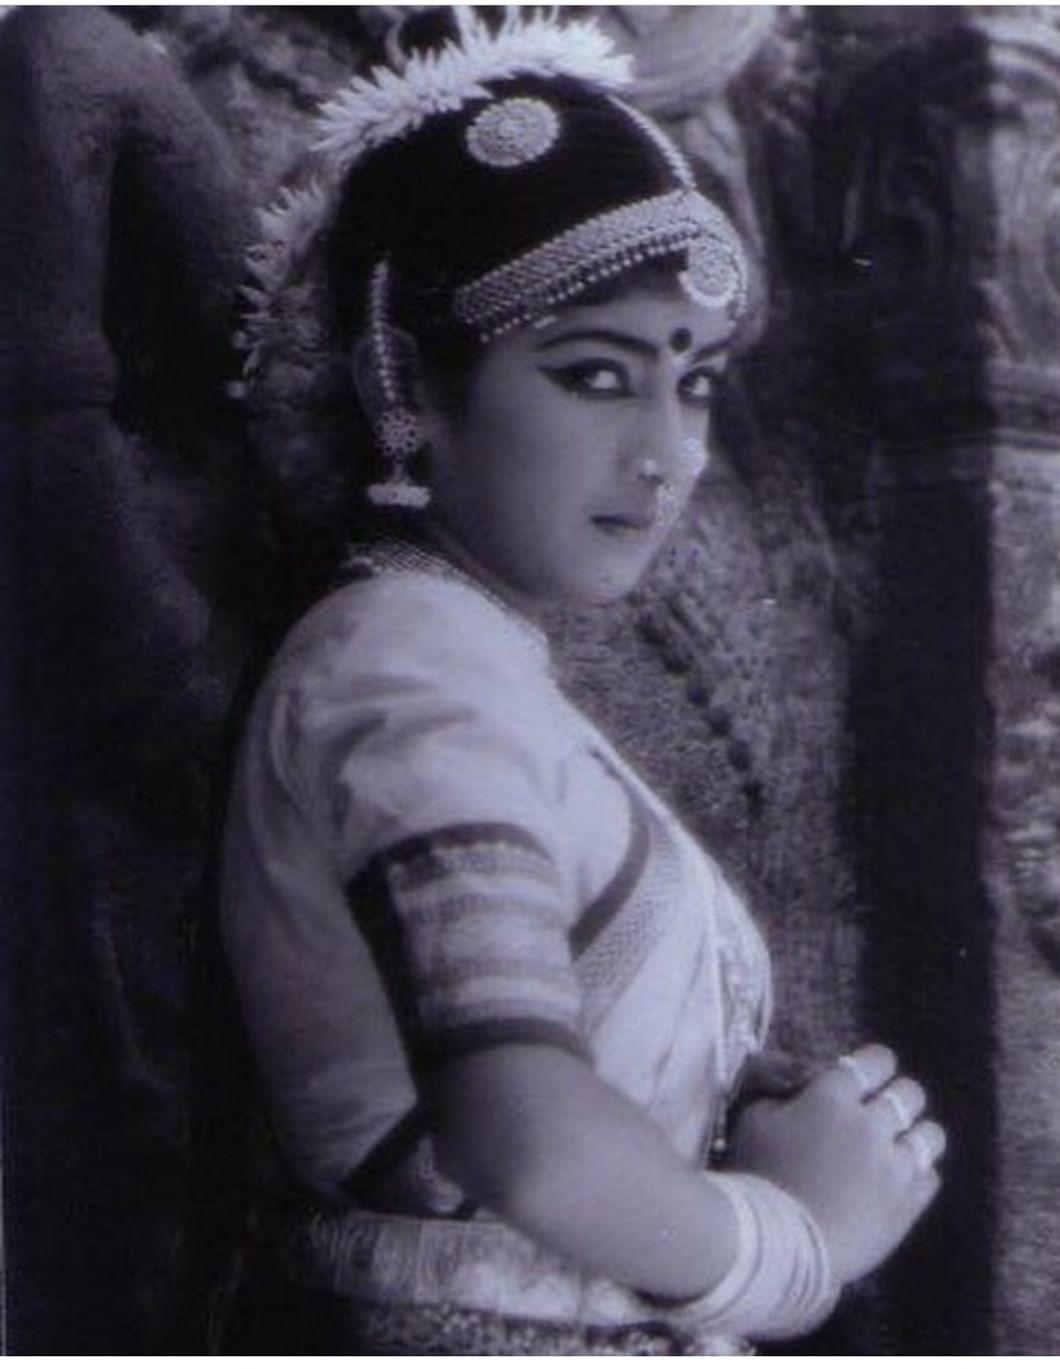 ஸ்வர்ணமால்யா